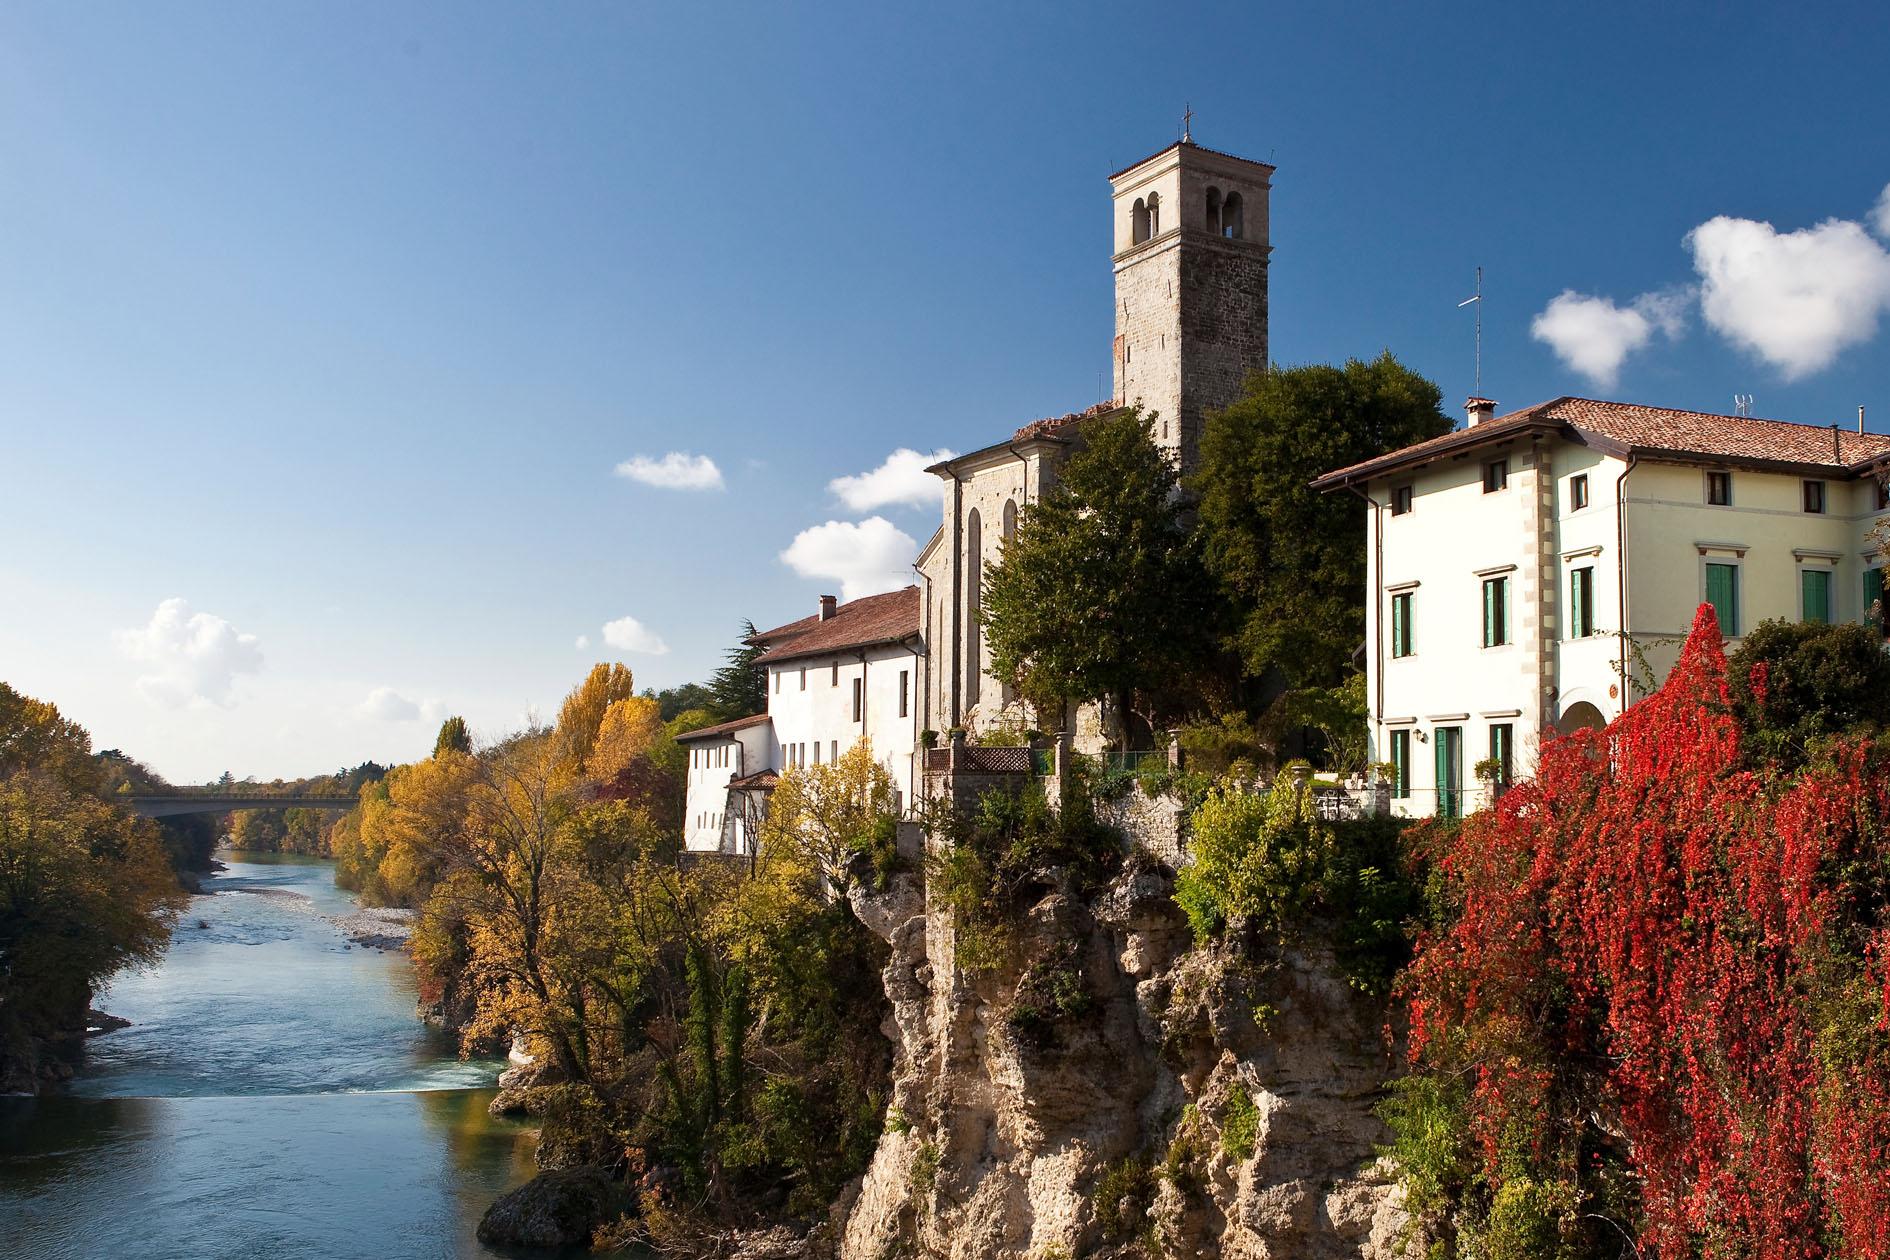 Cividale del Friuli-Foto di Fabrice Gallina-Il fascino del Friuli Venezia Giulia